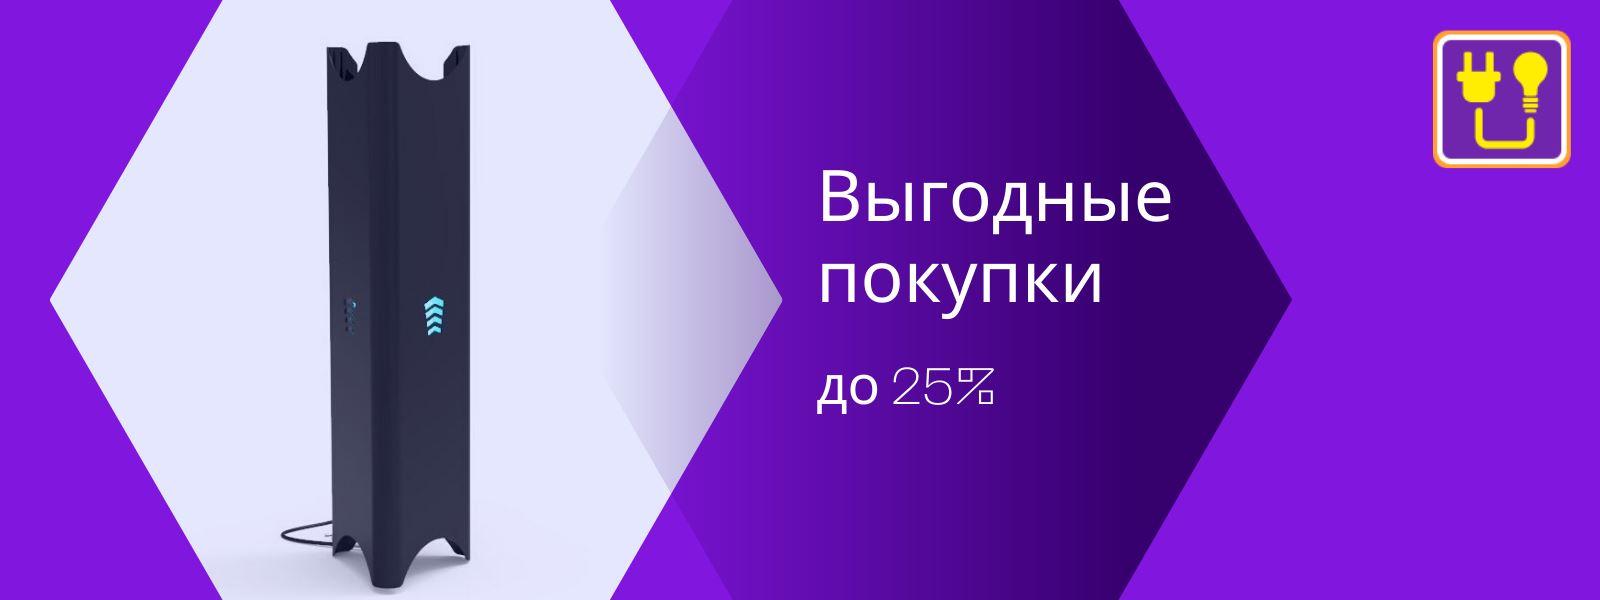 Выгодные покупки до 25%